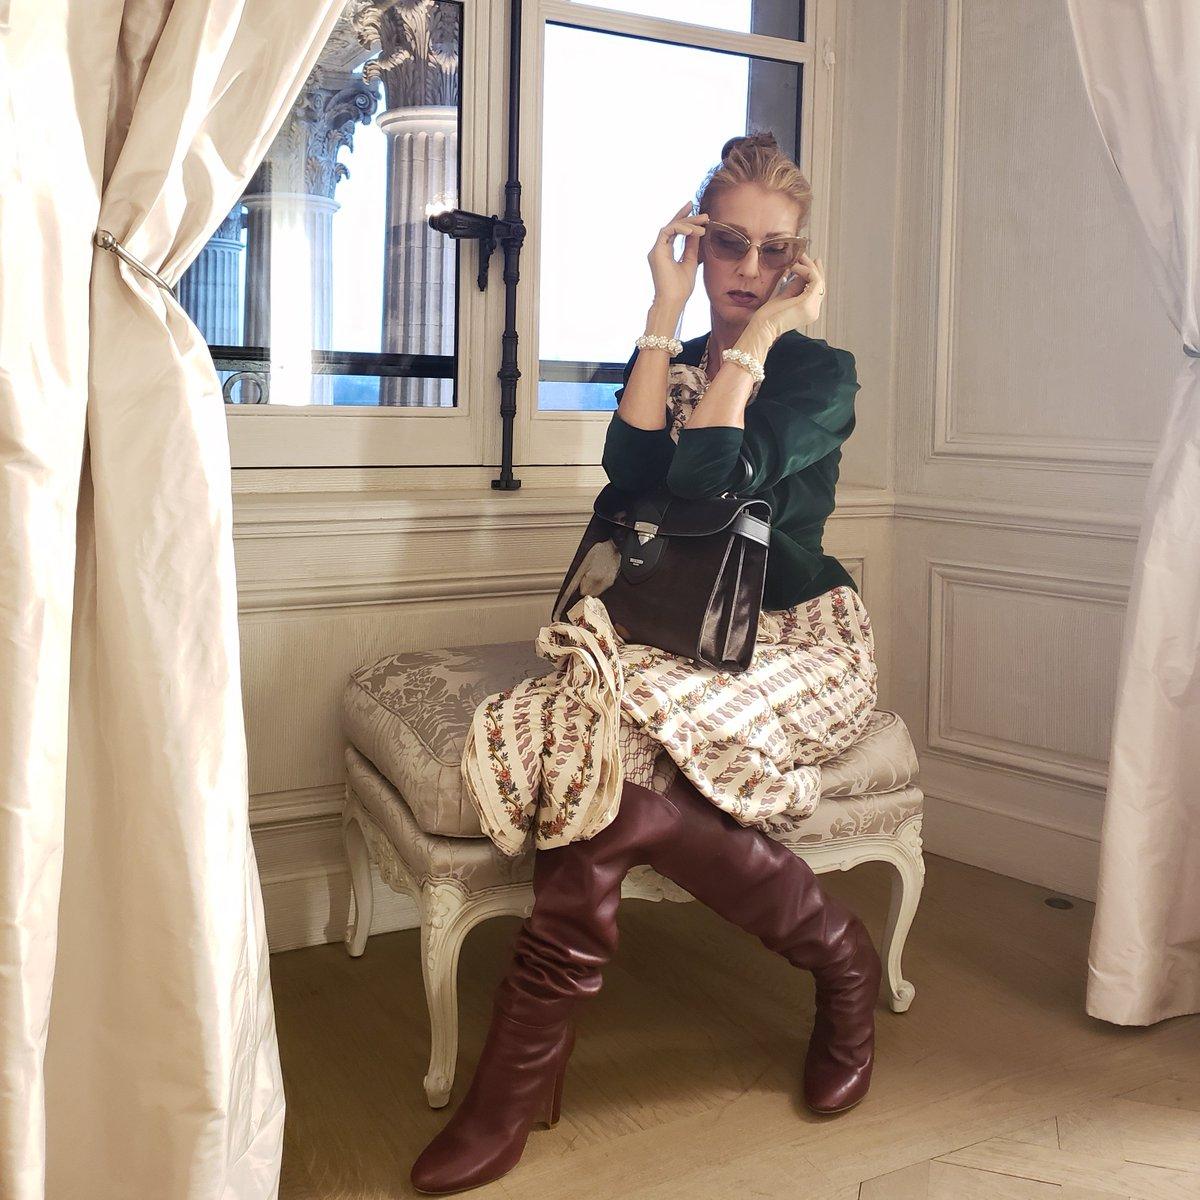 When in Paris… ✨ - Team Céline . Quand on est à Paris… ✨ - Team Céline  ???? : Dee Amore Marti  #fashion #OOTD https://t.co/0V8l2G8vzV